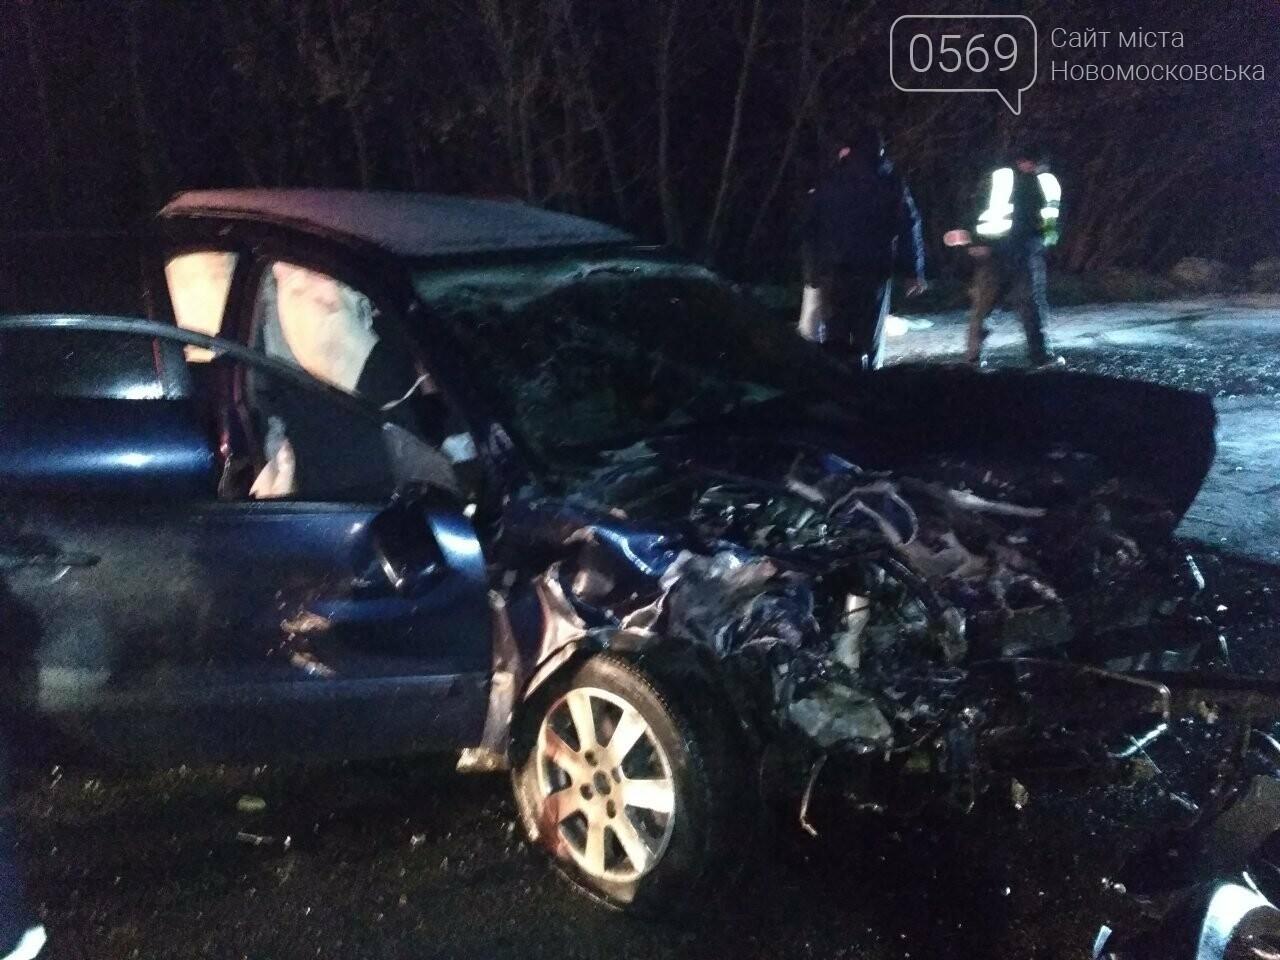 В Новомосковську сталося ДТП: 1 людина загинула, троє постраждали, фото-3